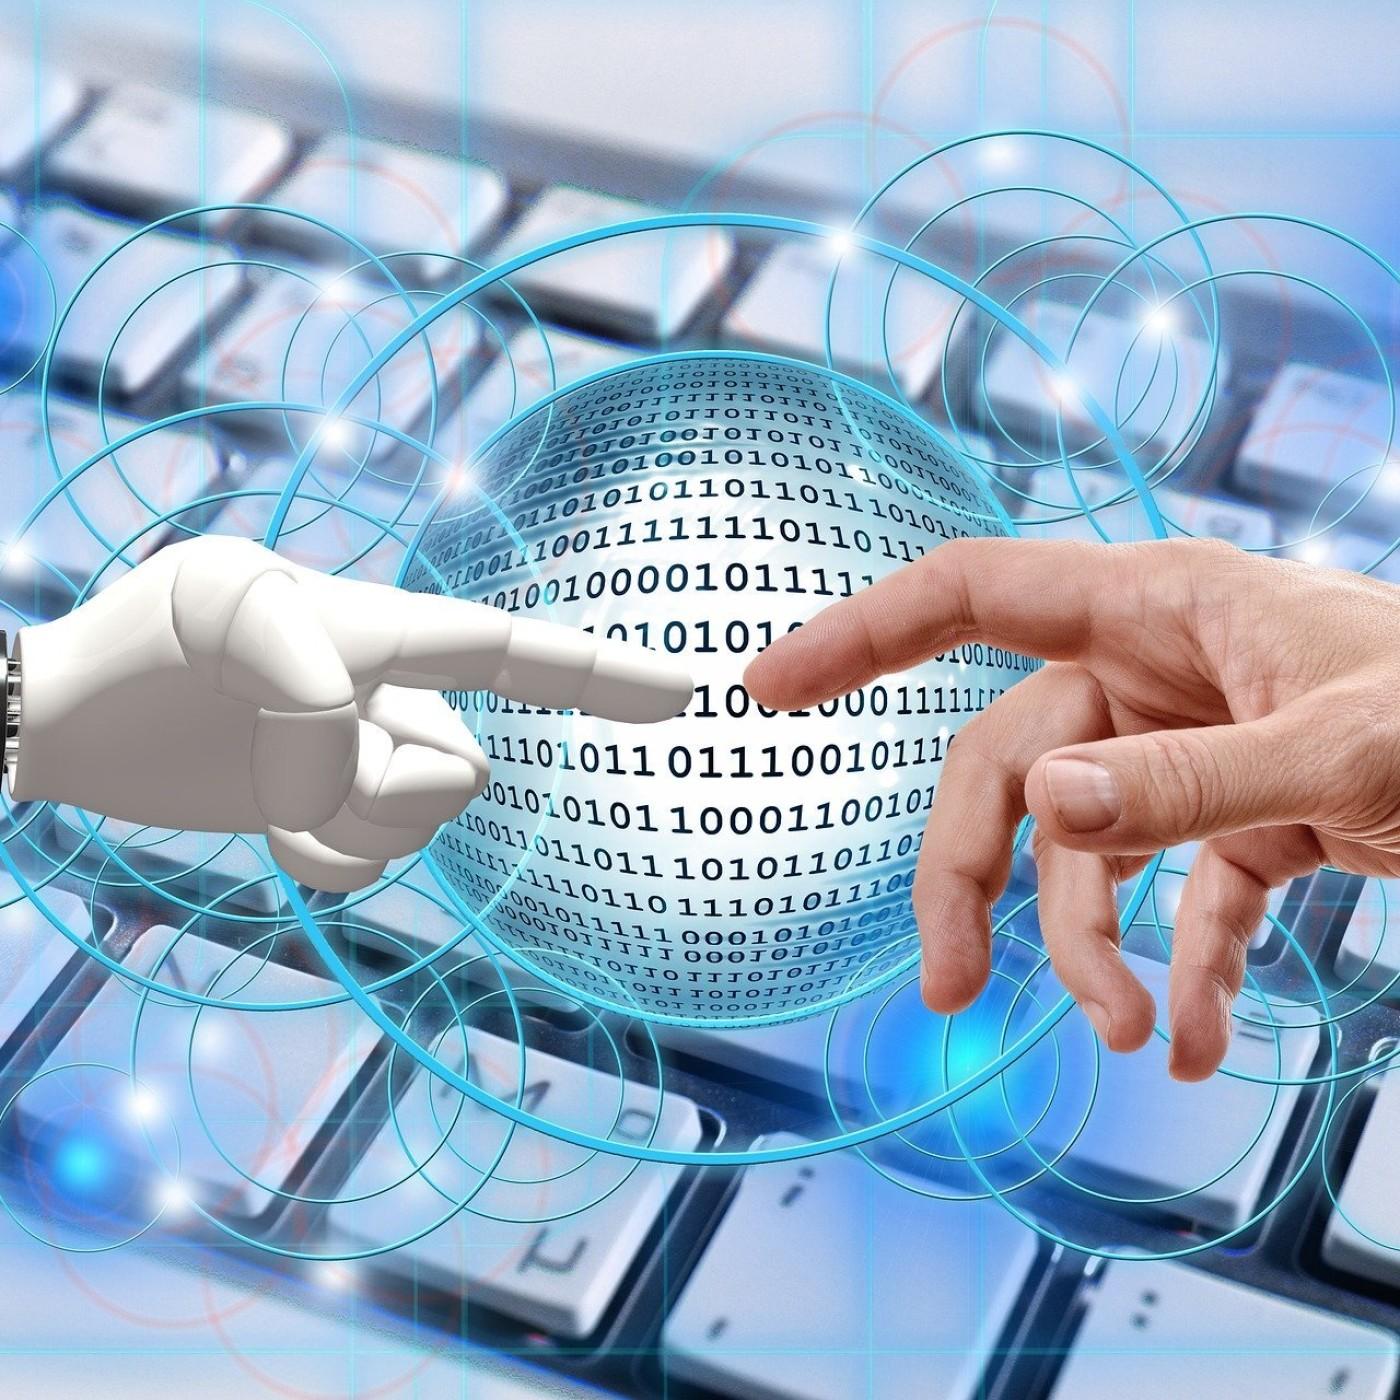 Bientôt des robots désinfecteurs ?